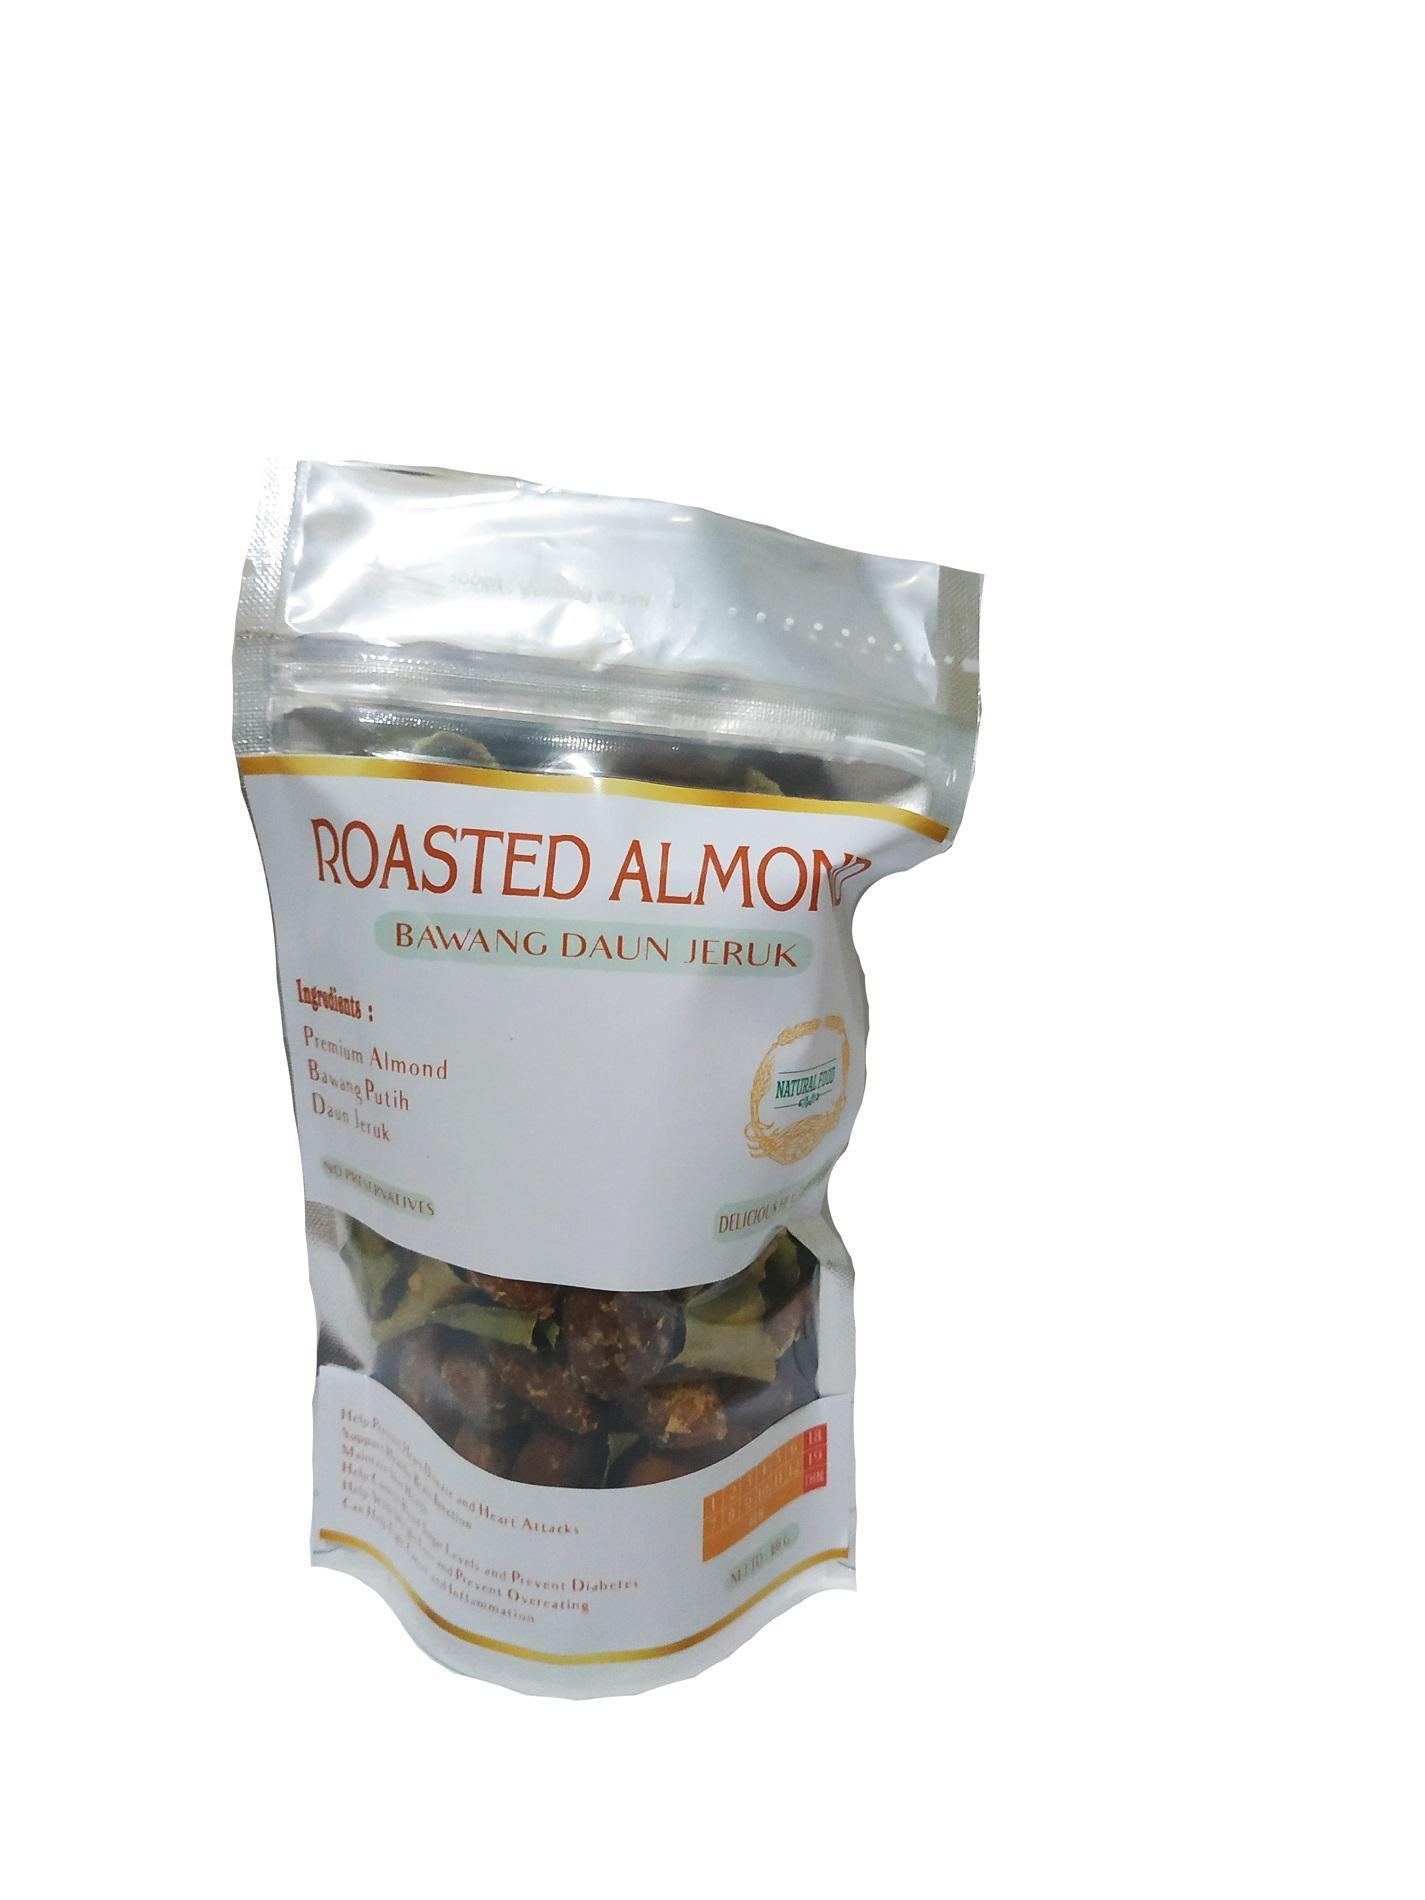 Addicted Kacang Bawang Pedas Daun Jeruk Thailand Premium 500 Gram Mete Mede Cashew Nut Utuh Balado Sambalado Jual Grosir Harga Spesifikasi Source Almond Panggang 80 Gr